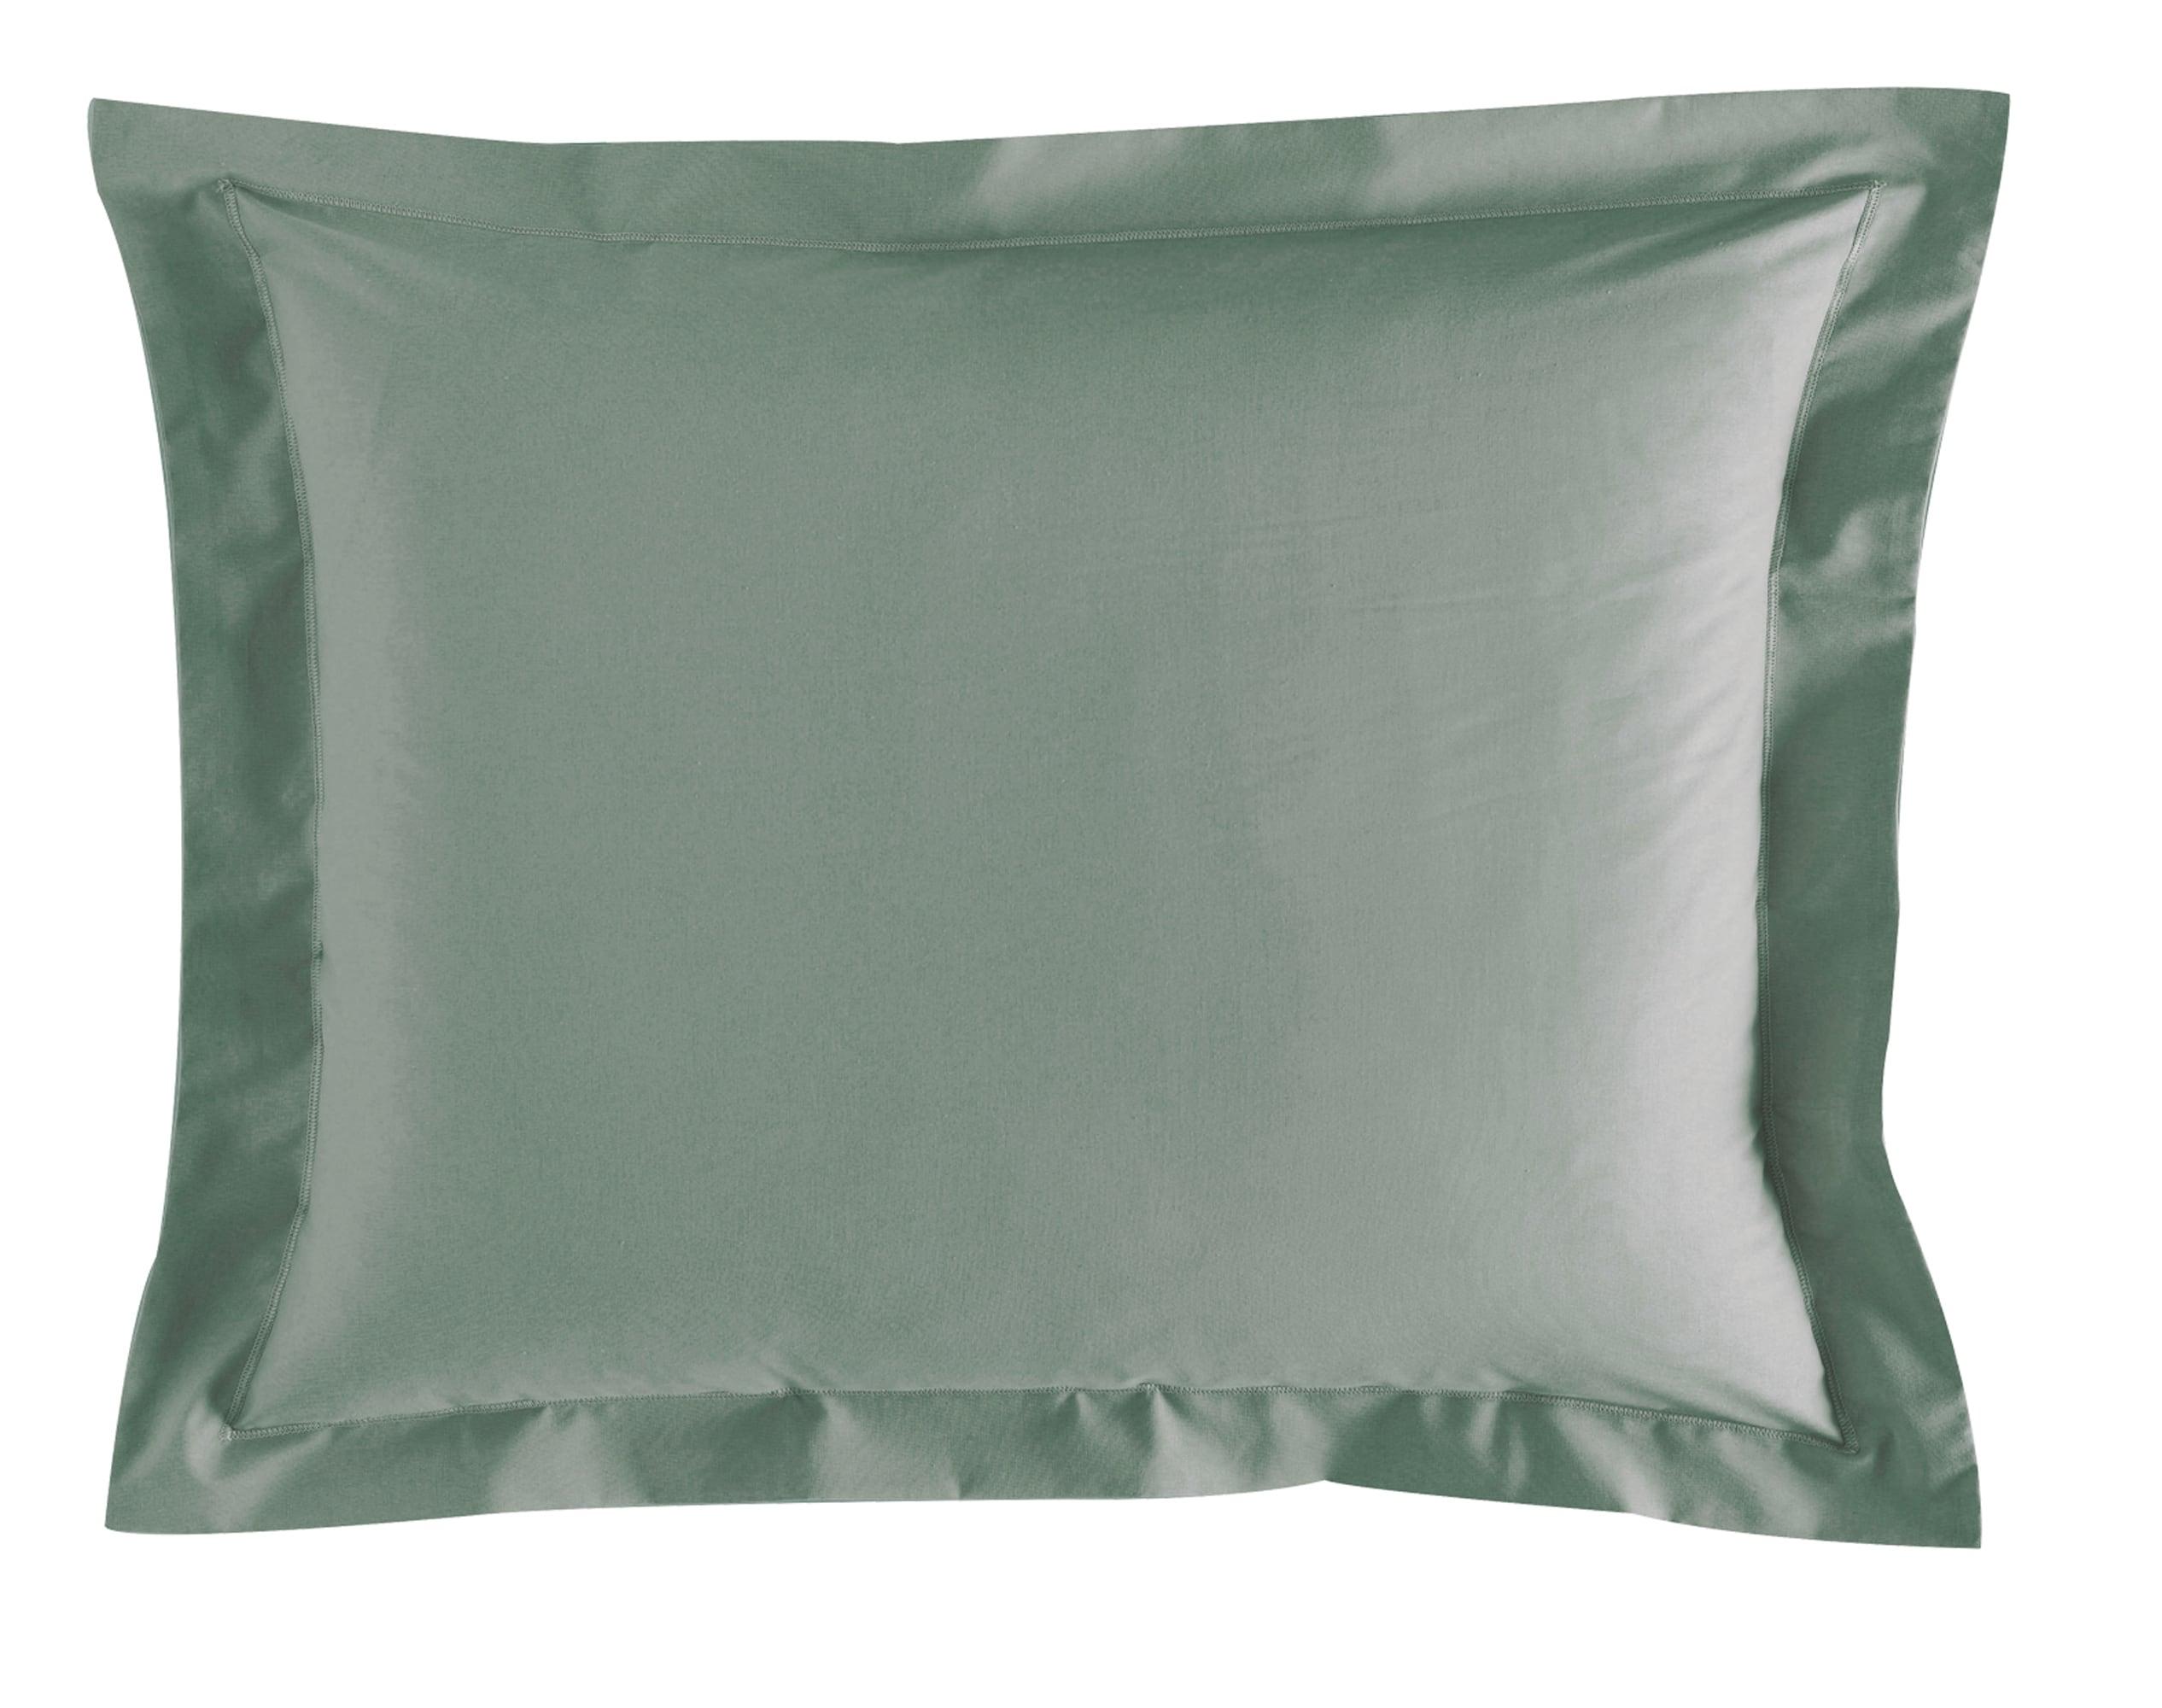 Taie d'oreiller 50x70 en percale de coton  vert eucalyptus